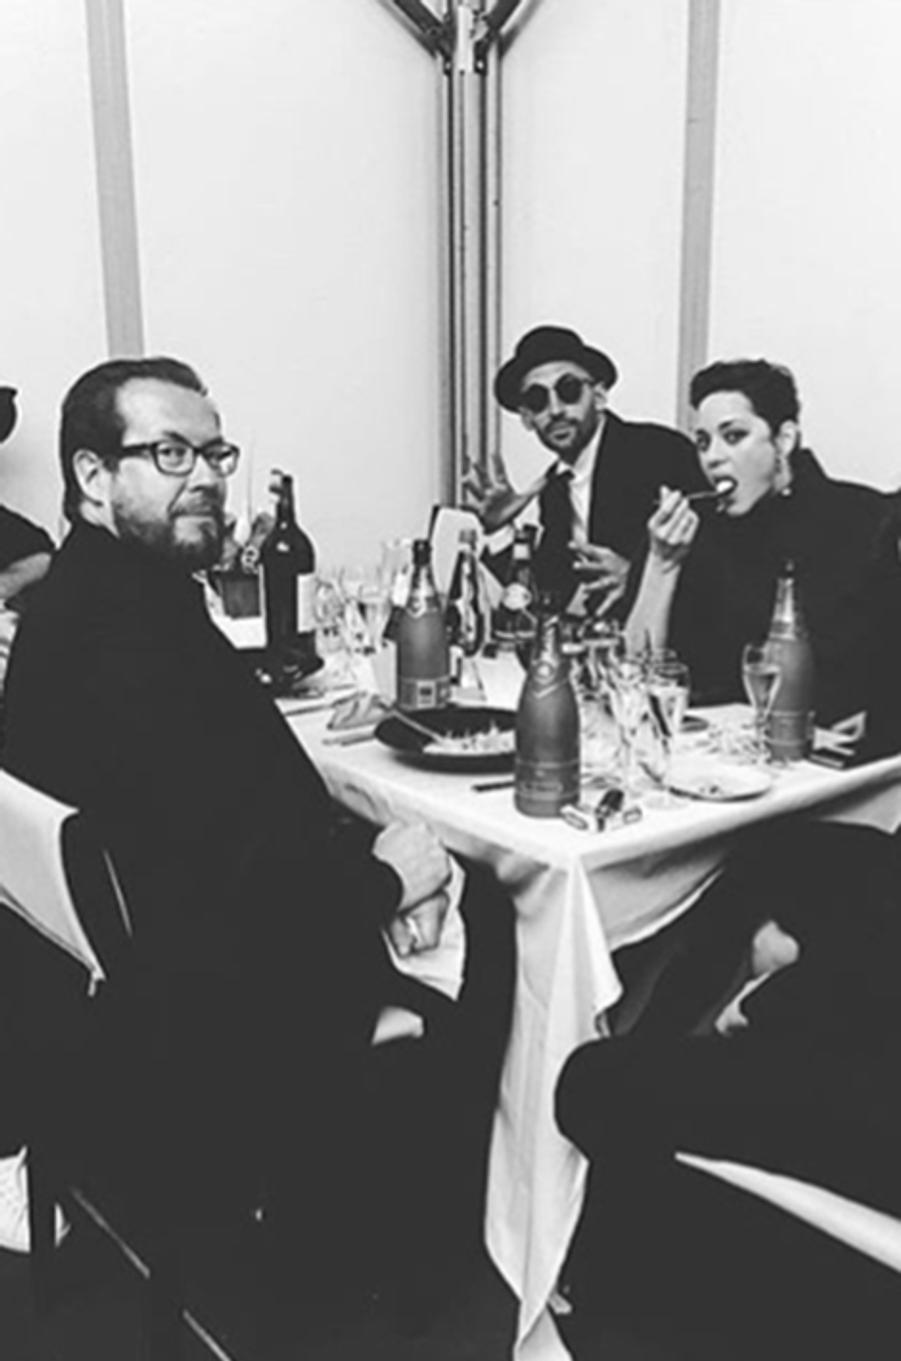 Marion Cotillard partage un bon repas avec ses amis